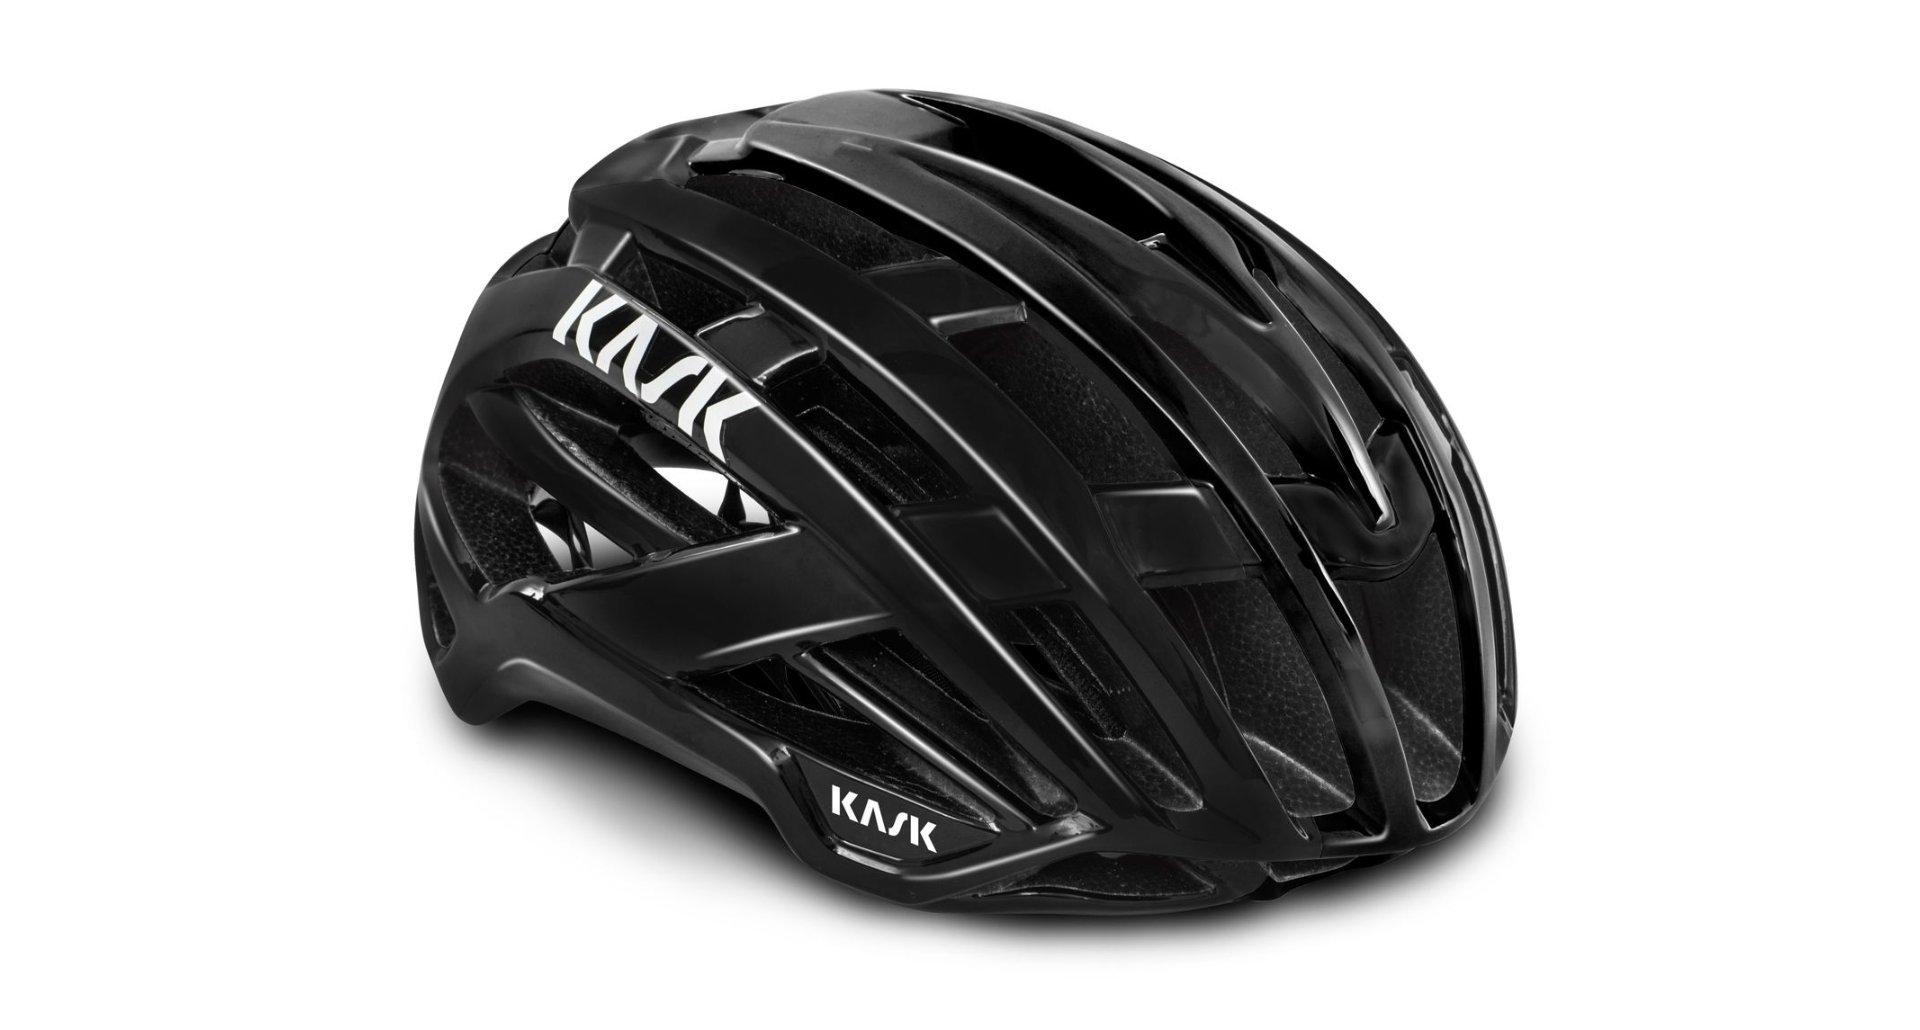 Kask Valegro Helmet, Small, Black